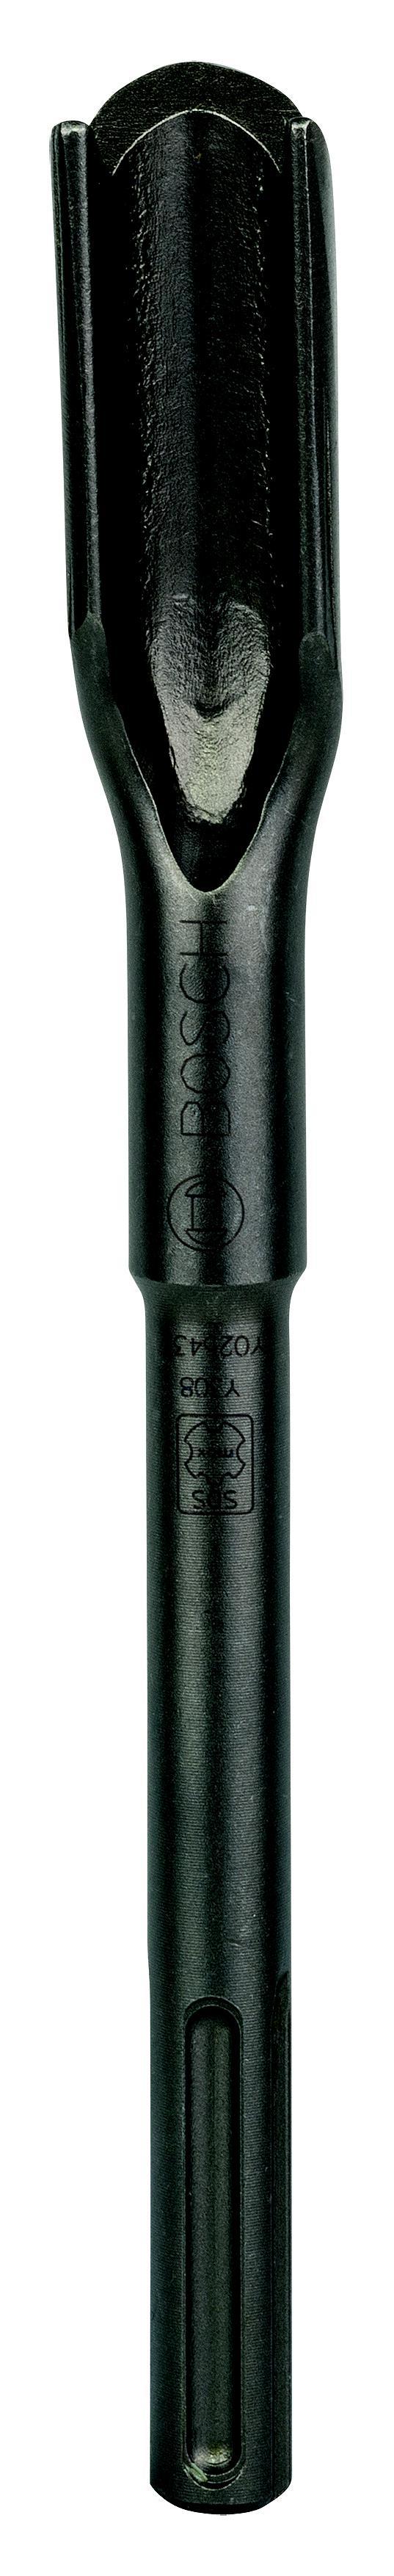 Зубило Bosch Sdsmax 32x300 канальное (1.618.601.102)